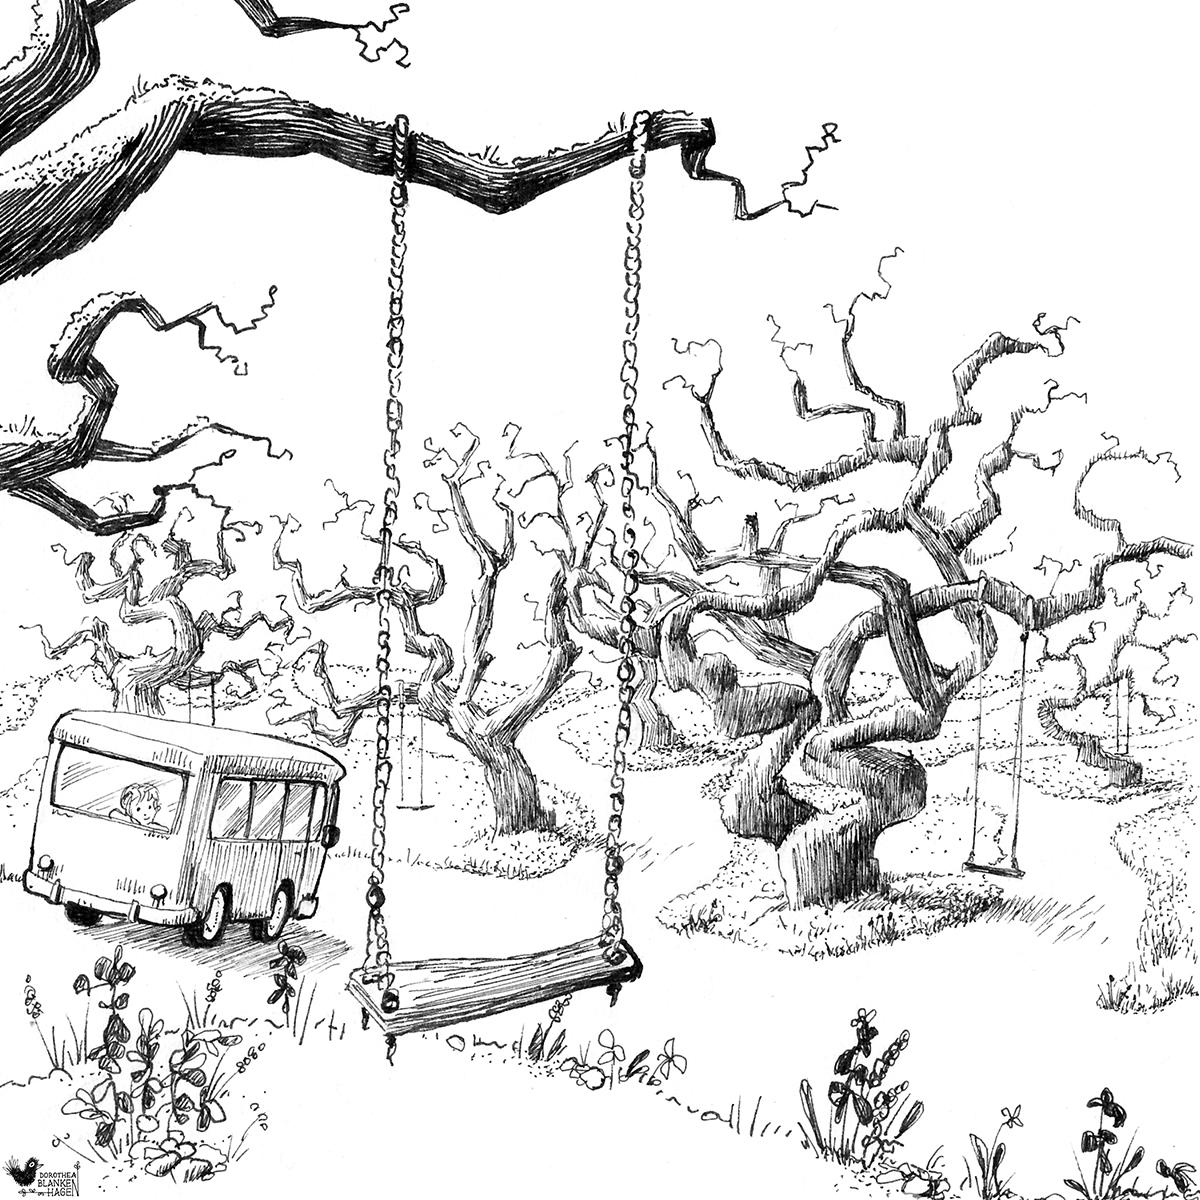 Da die Regentage lange waren, nehmen wir nun die Abkürzung durch das Labyrinth der schiefen Bäume. Abends sitzen alte Omis auf den Schaukeln und erzählen Märchen aus fernen Ländern.